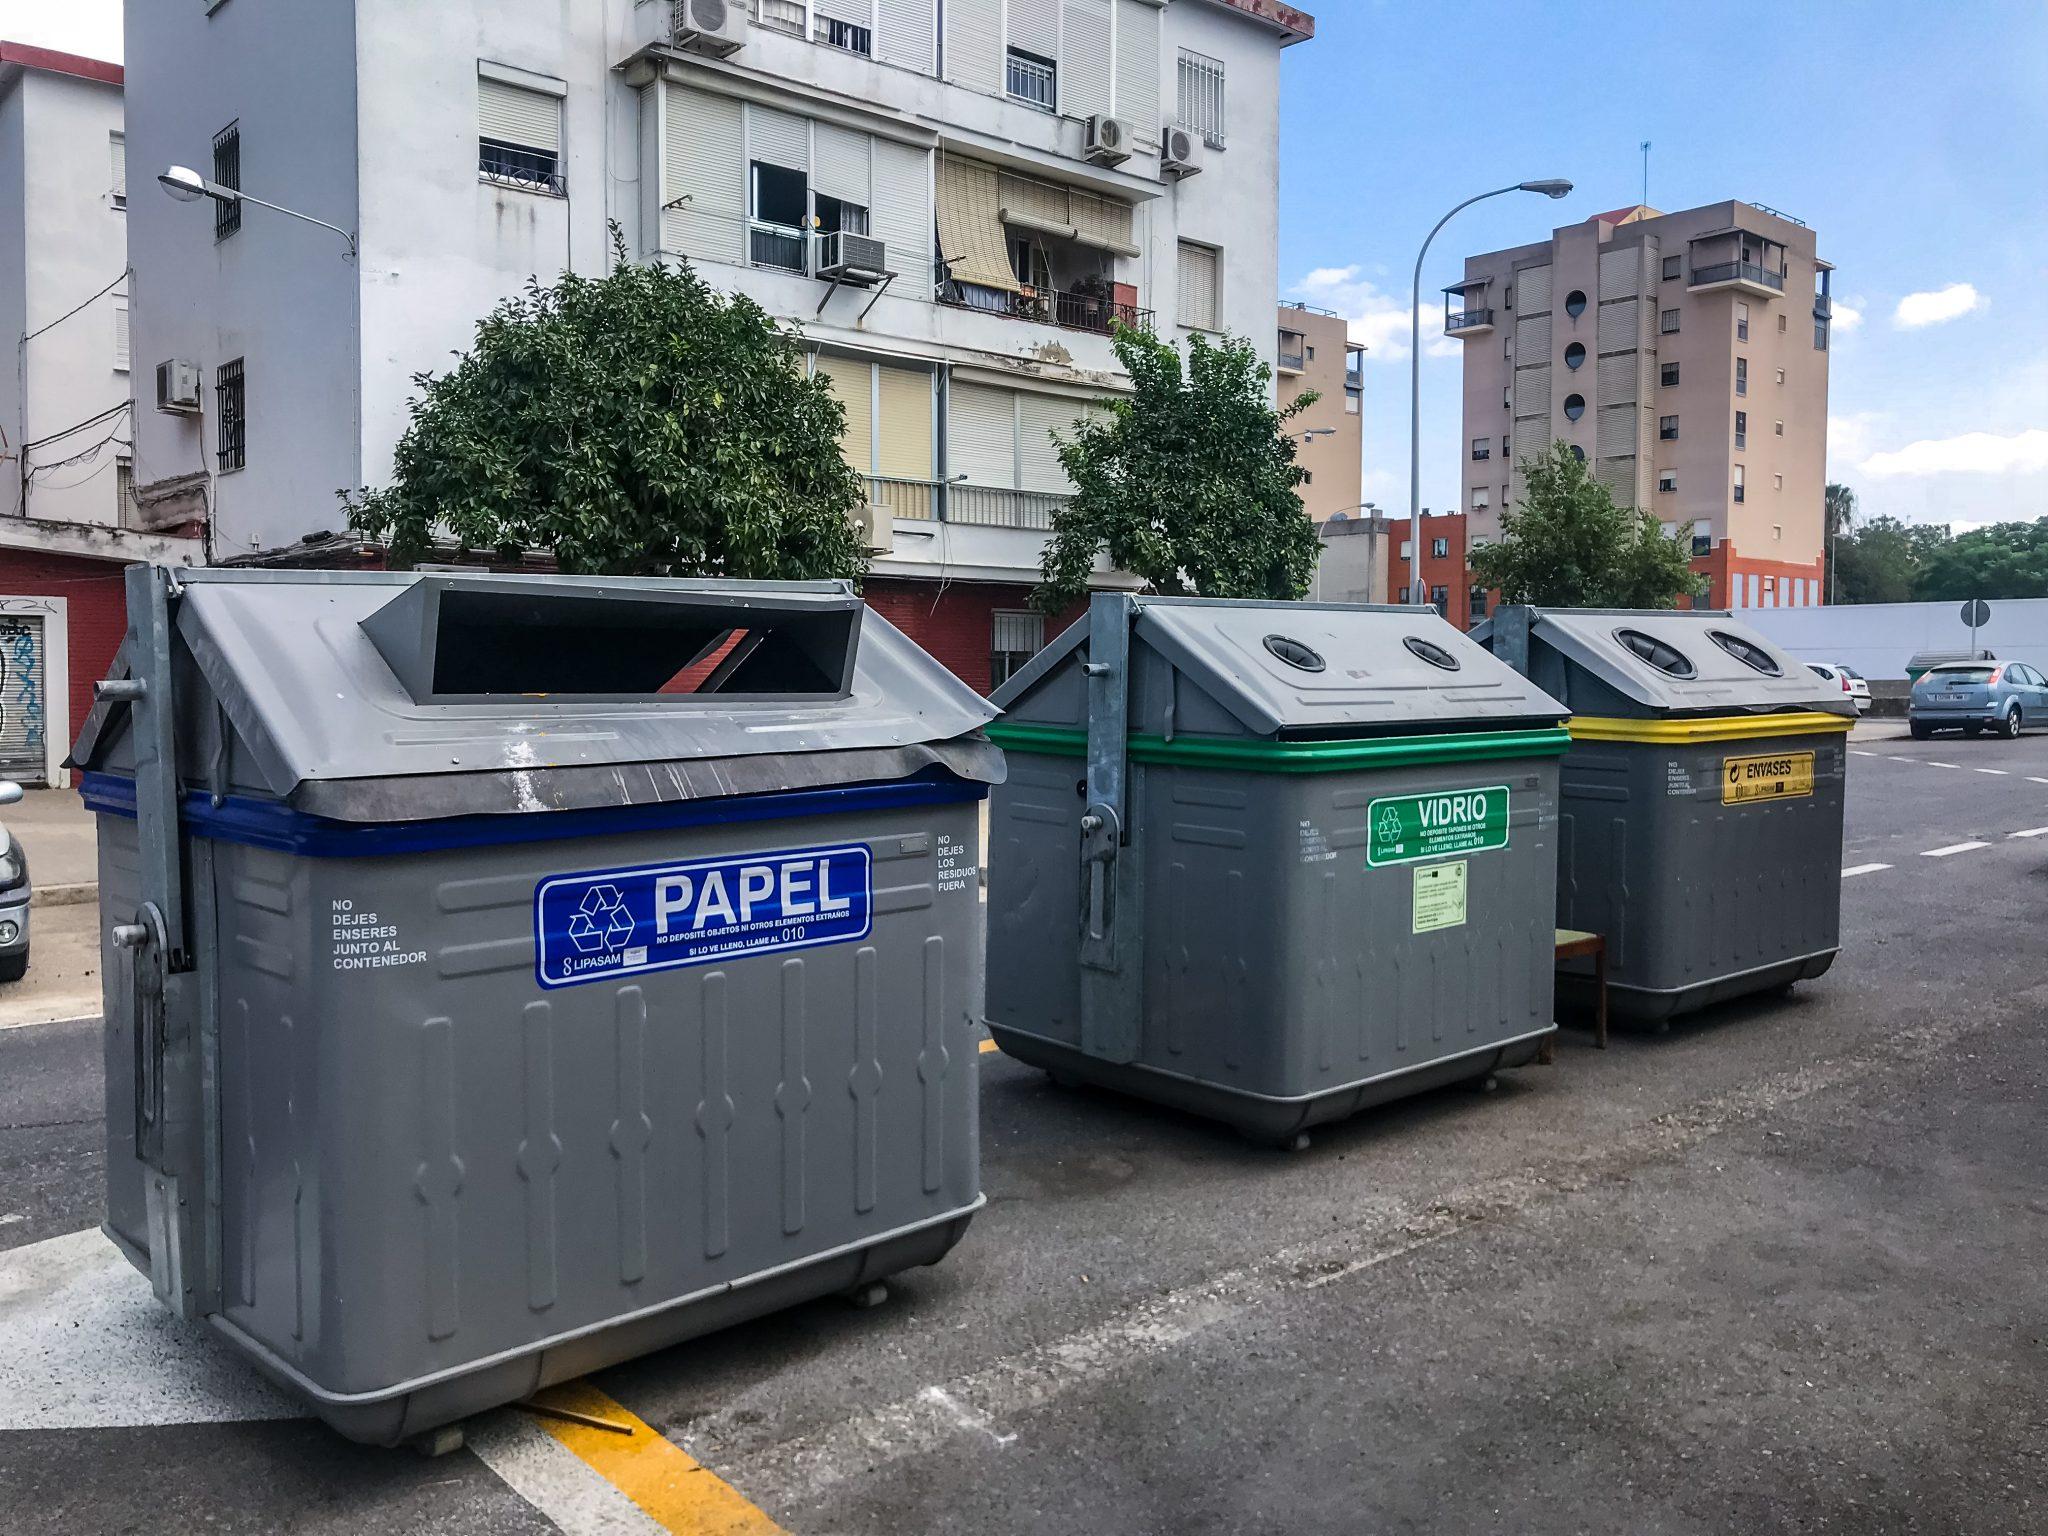 So sehen Mülltonnen in Sevilla aus... Uneingezäunt auf der Straße, damit jeder seinen Müll dort hineinwerfen kann.